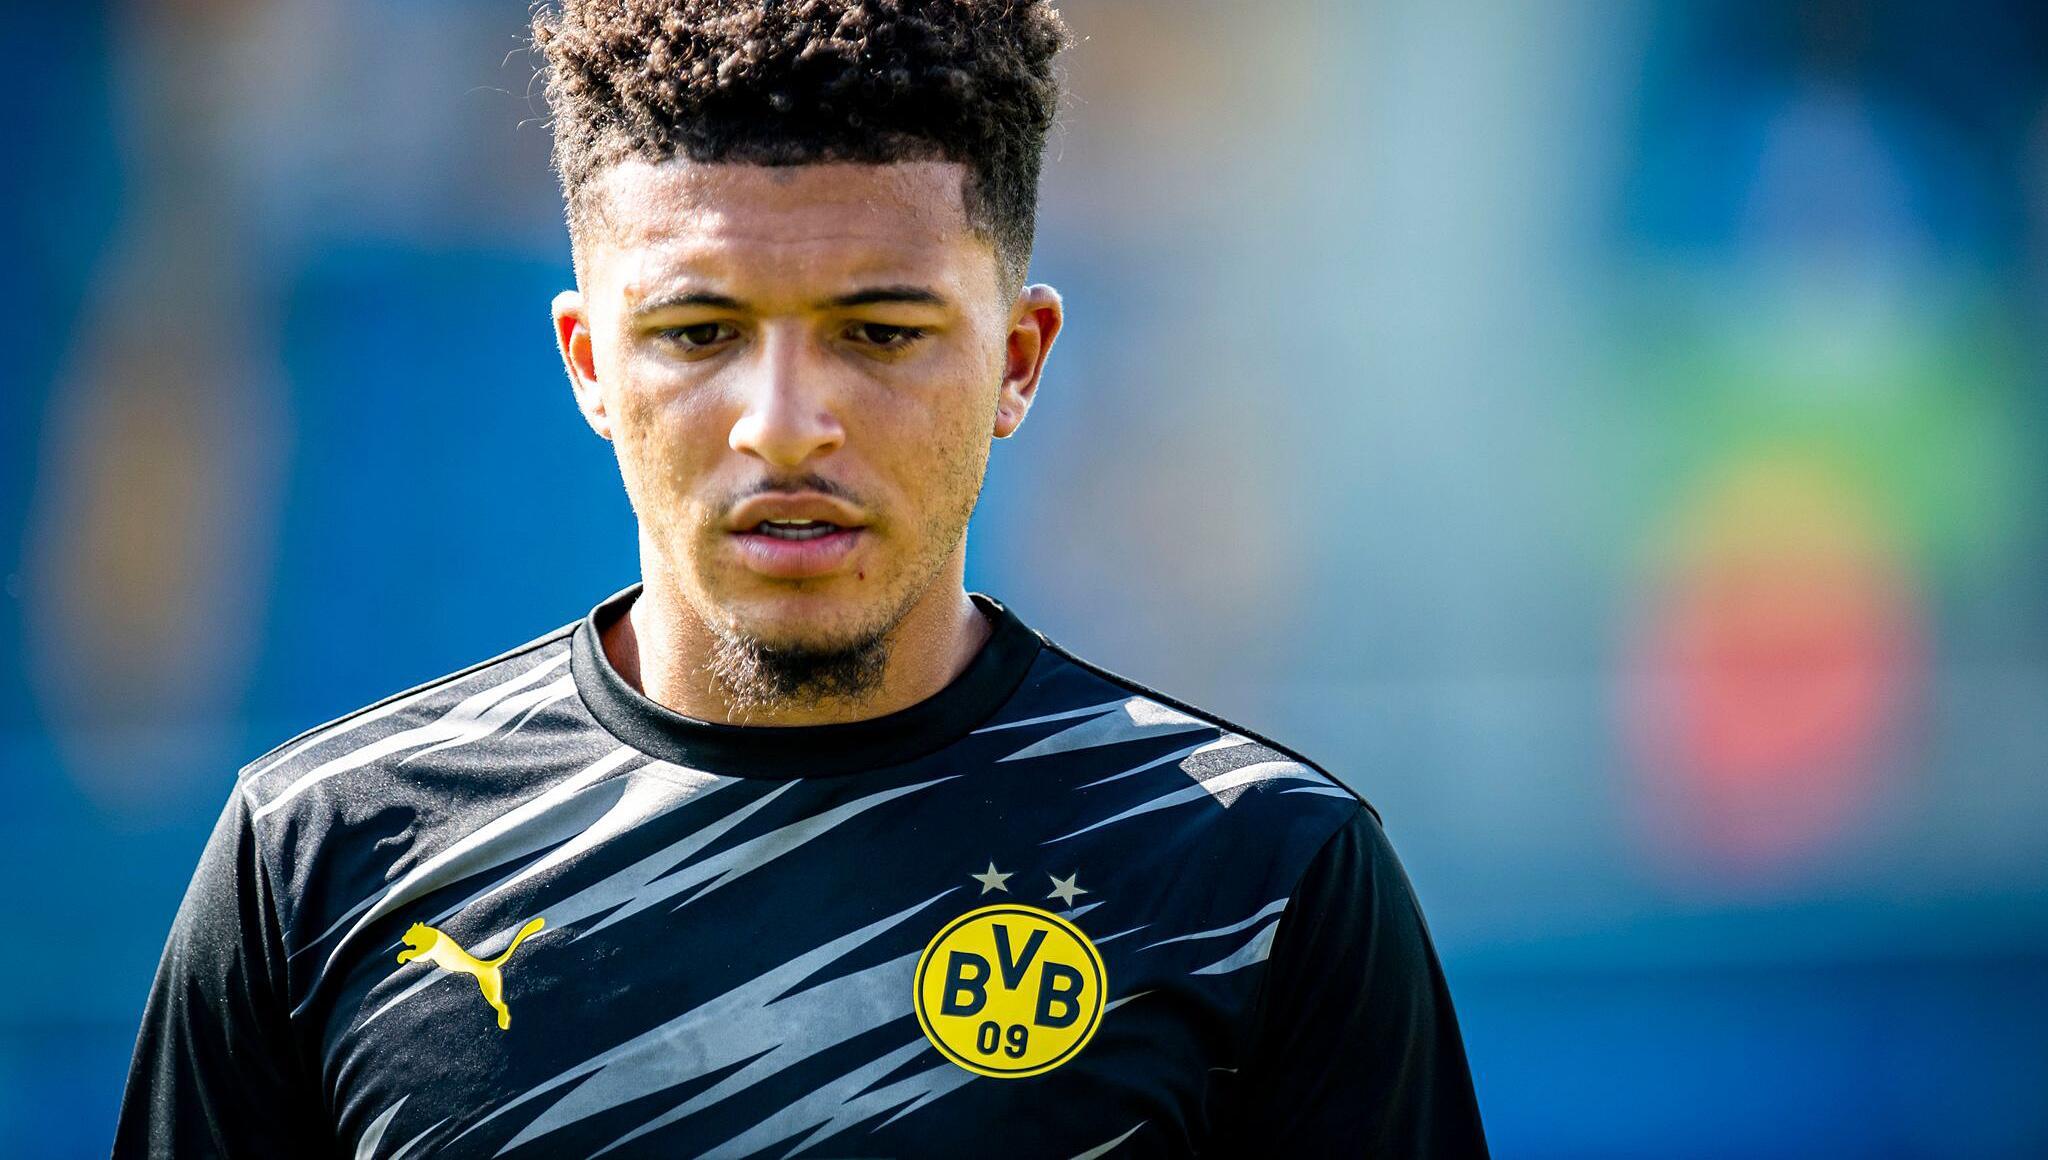 Bild zu Fussball: Testspiele, SC Altach - Borussia Dortmund